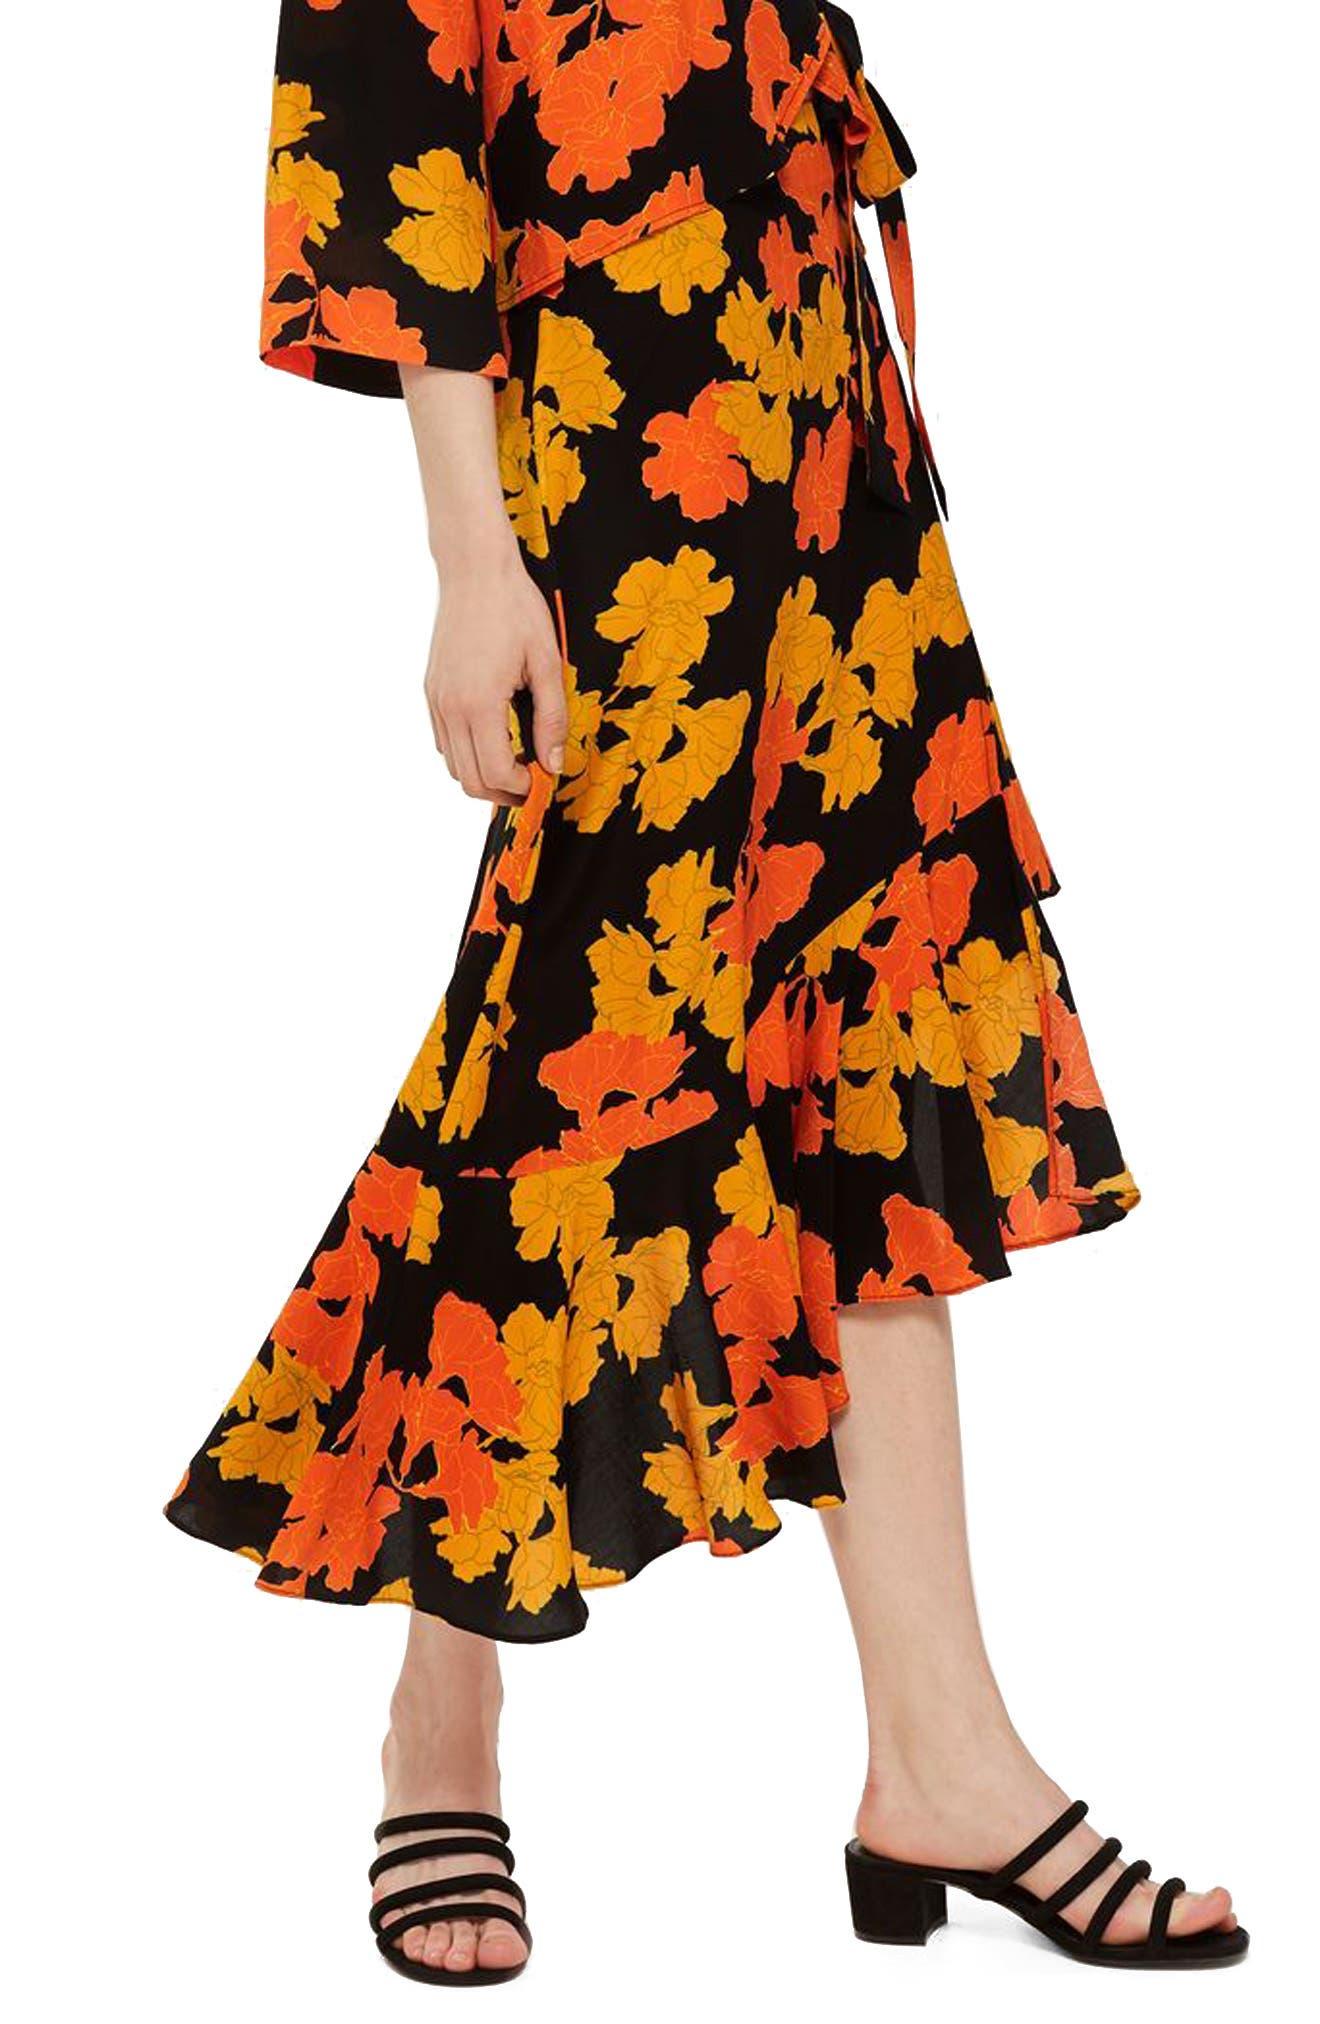 TOPSHOP,                             Printed Midi Skirt,                             Main thumbnail 1, color,                             001